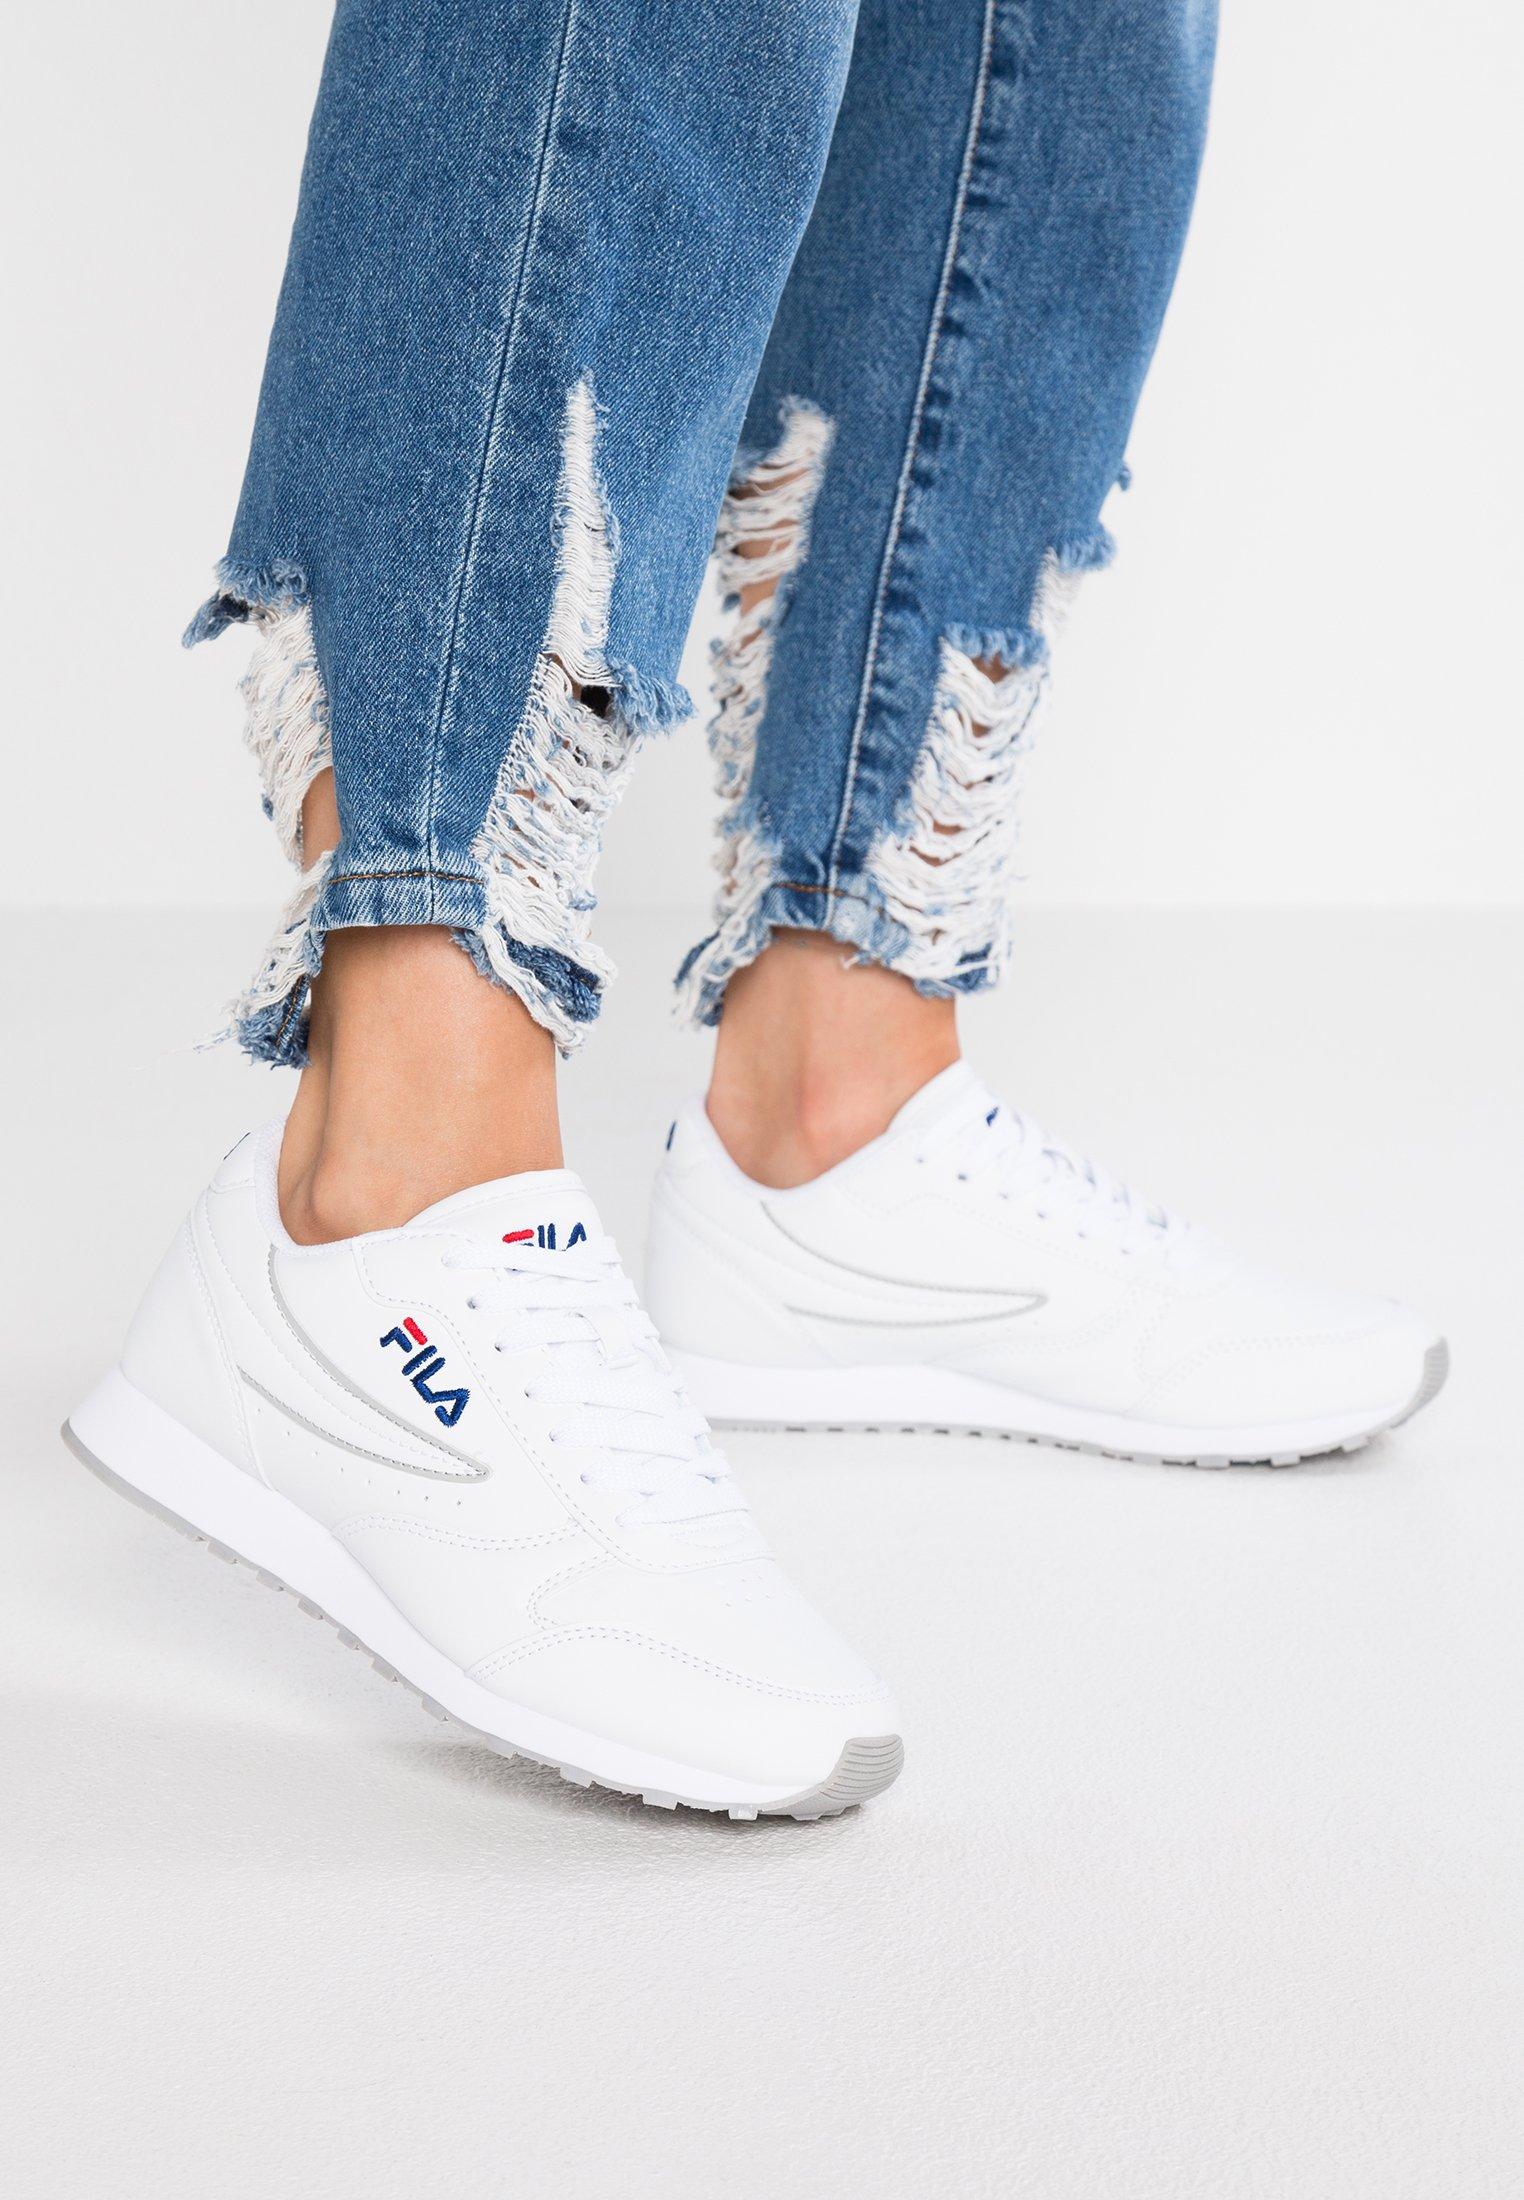 zapatillas asics zalando fila mujer